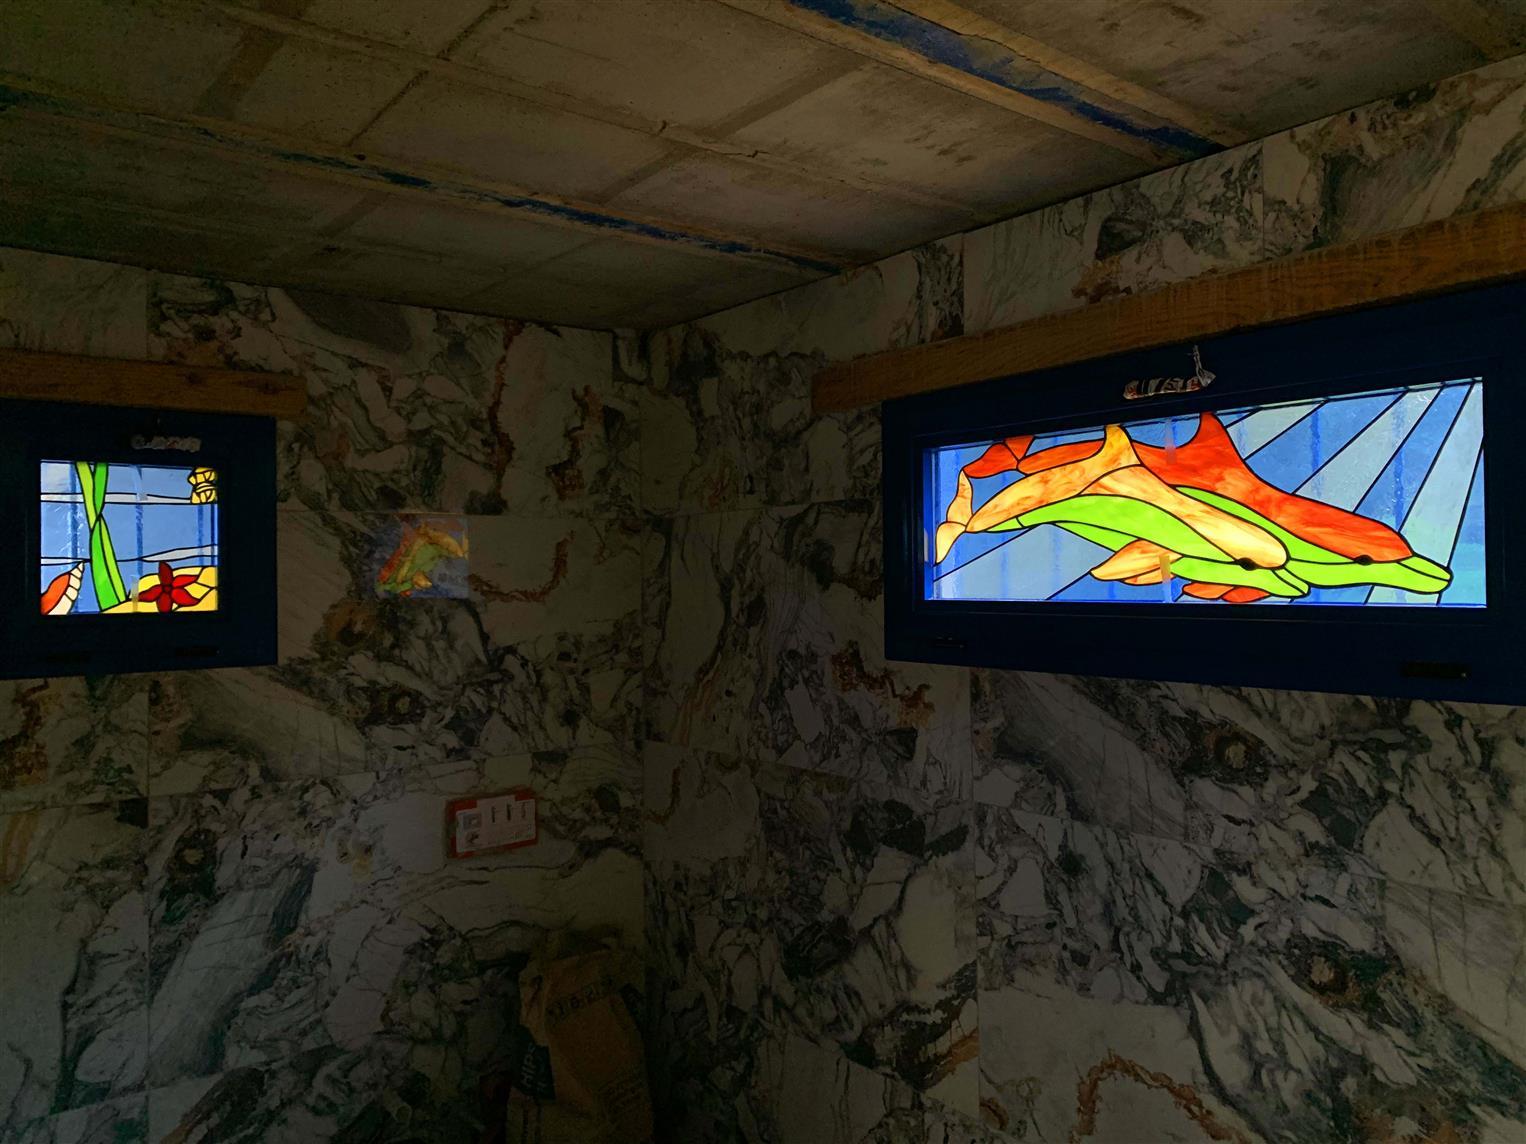 foca-kozbeyli-villa2020120175729841.jpg izmir vitray çalışması